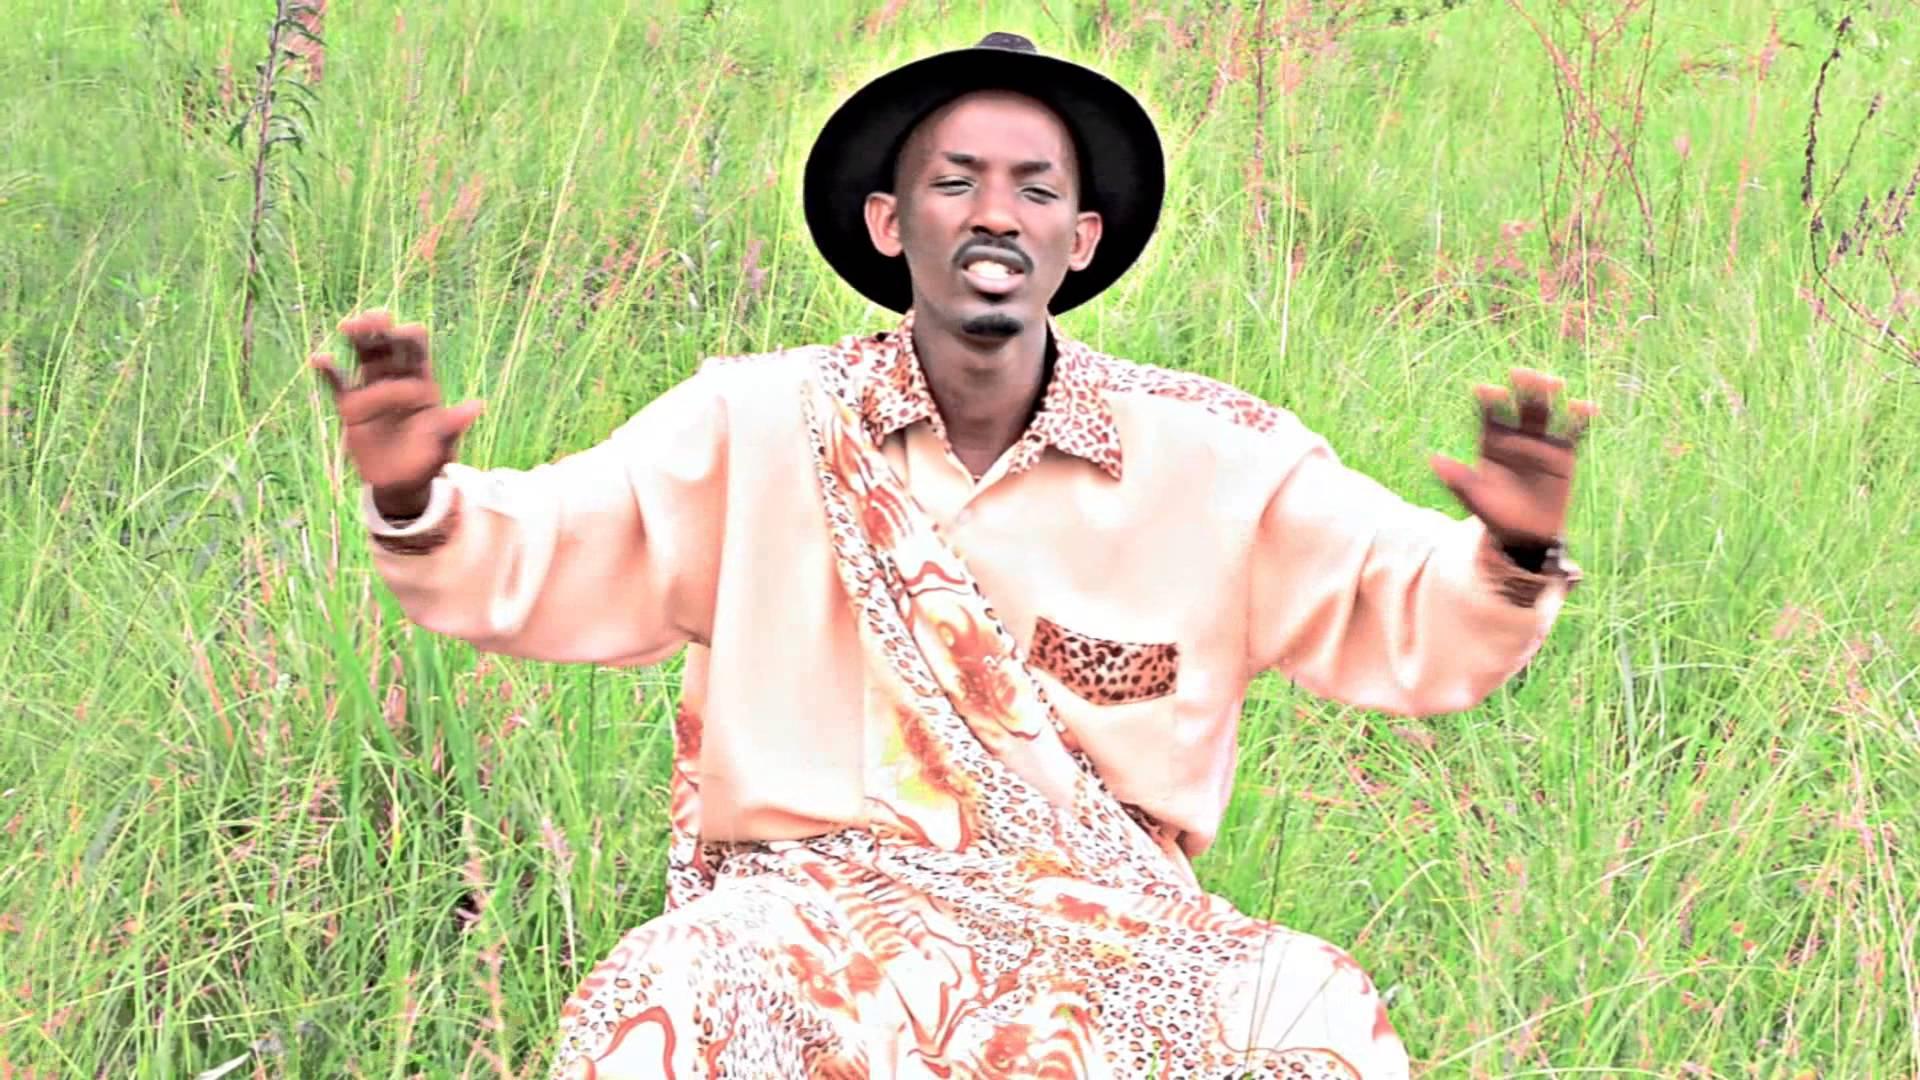 Ndabarasa John umuhanzi wambere wa Gospel mu Rwanda 2014